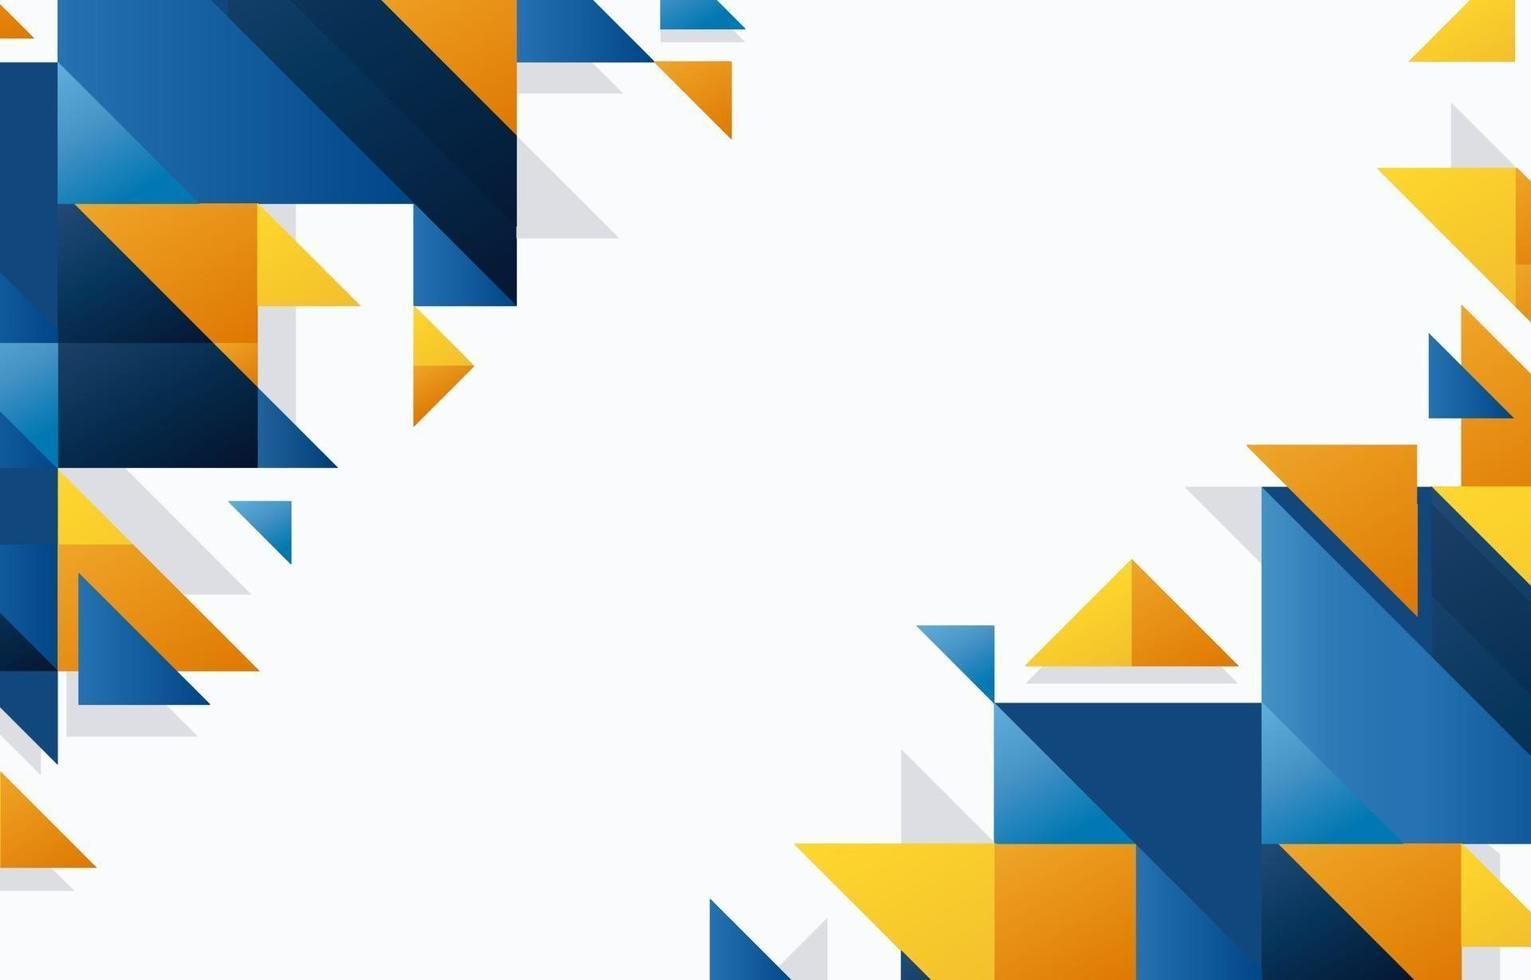 abstrakte geometrische Formen Hintergrund vektor